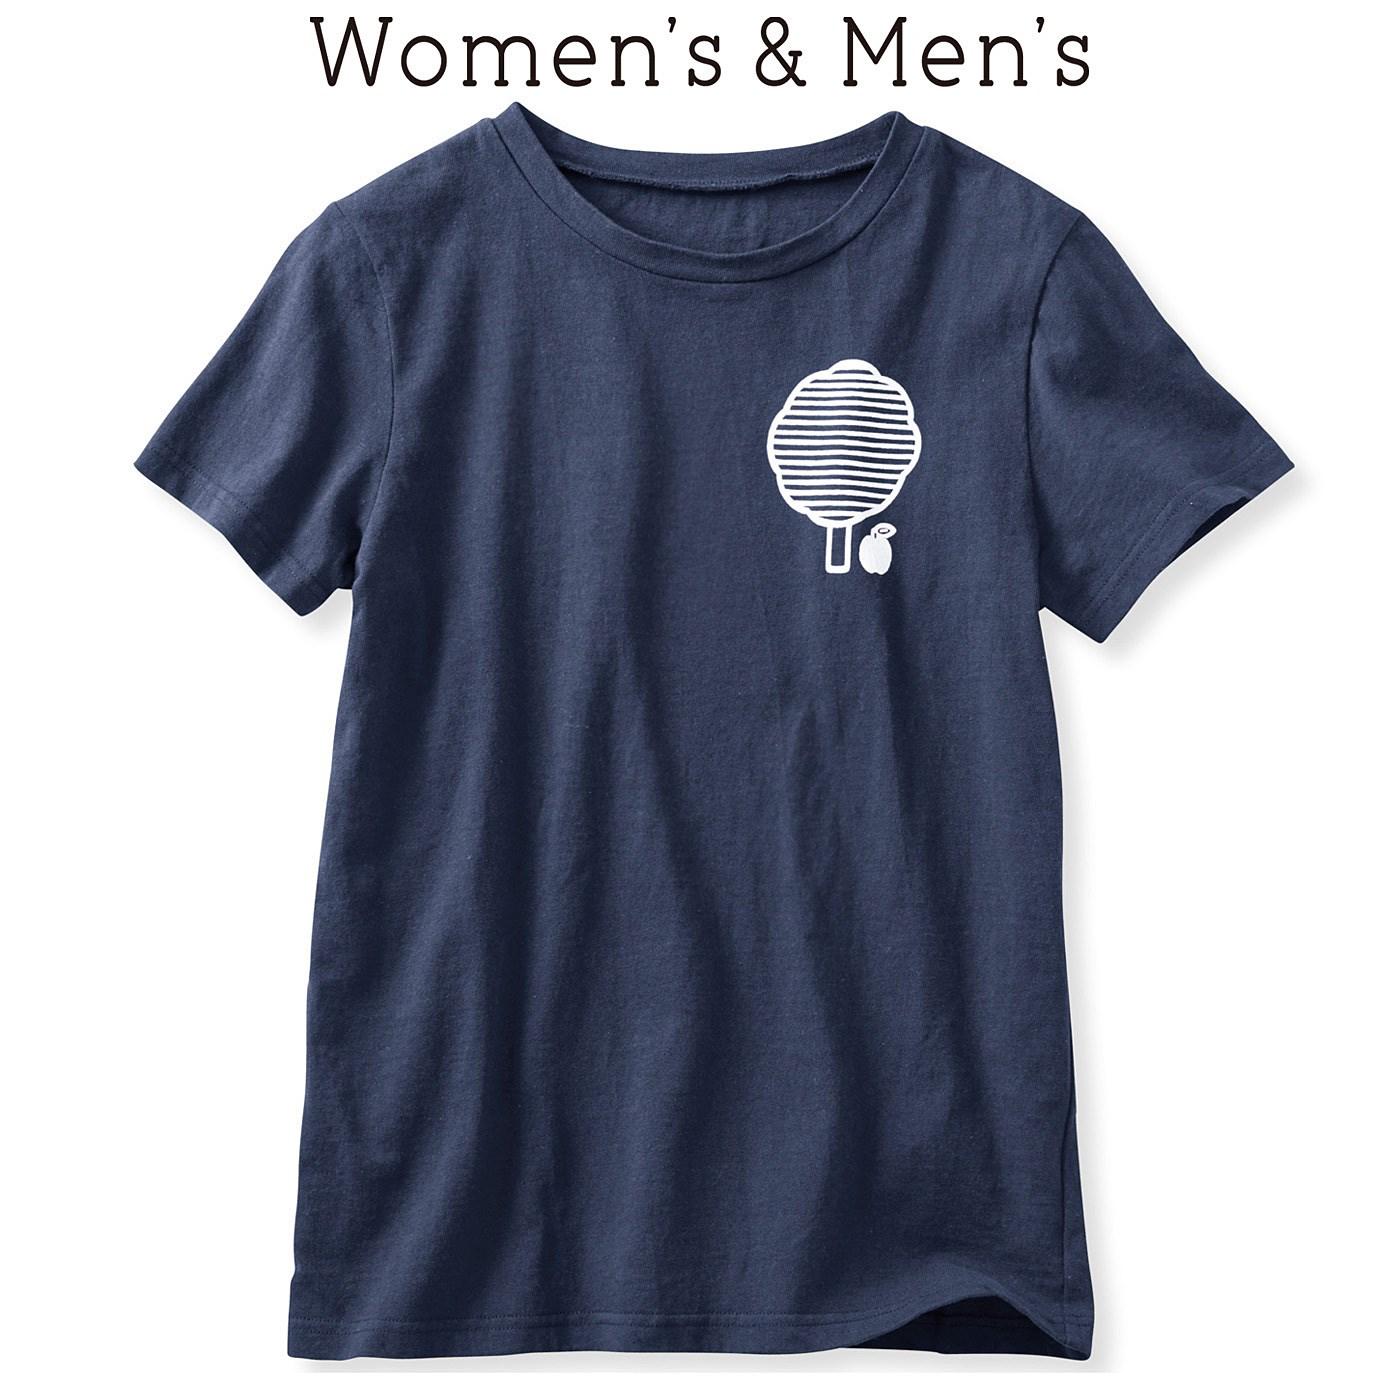 イラストレーターの山内庸資(やまうちようすけ)さんとつくった コミュニケーションTシャツ〈オトナ〉 (ネイビー)